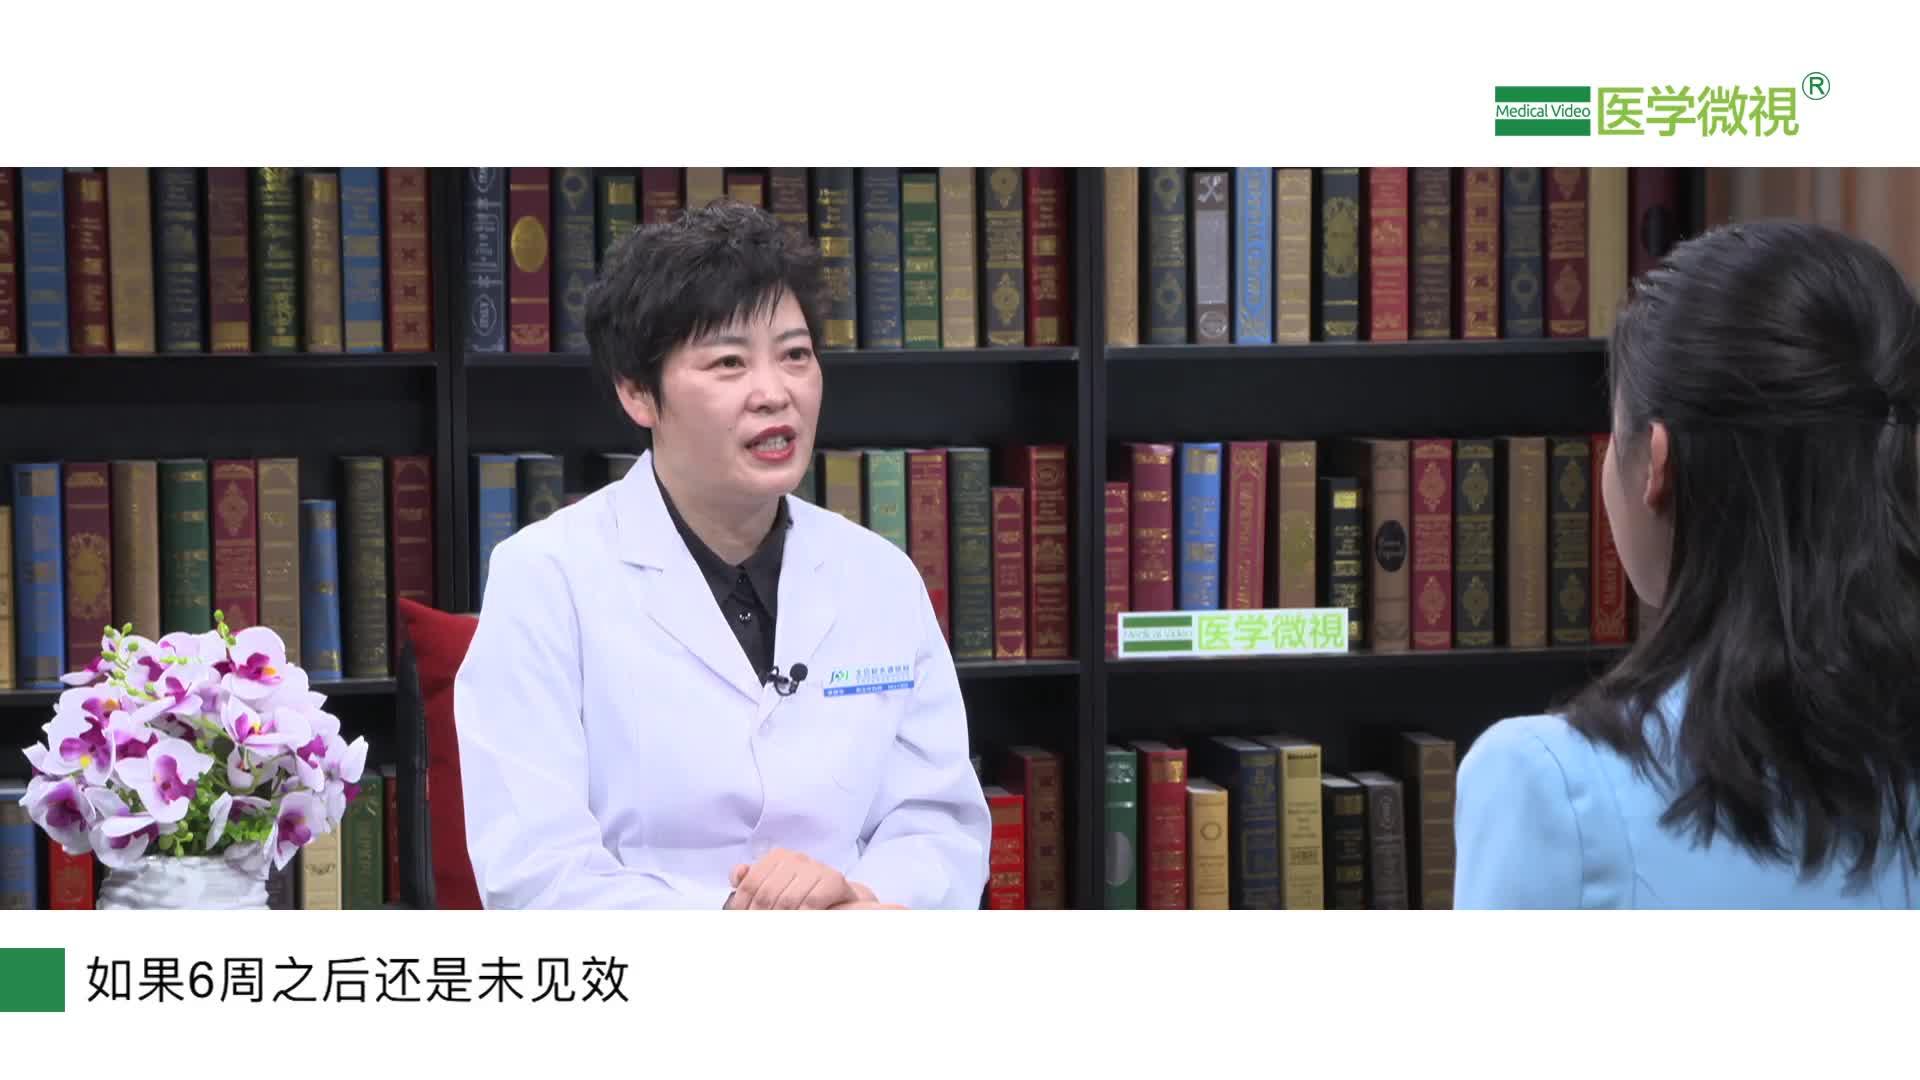 強直性脊柱炎、急性疼痛的患者怎么服用塞來昔布膠囊?要注意什么?